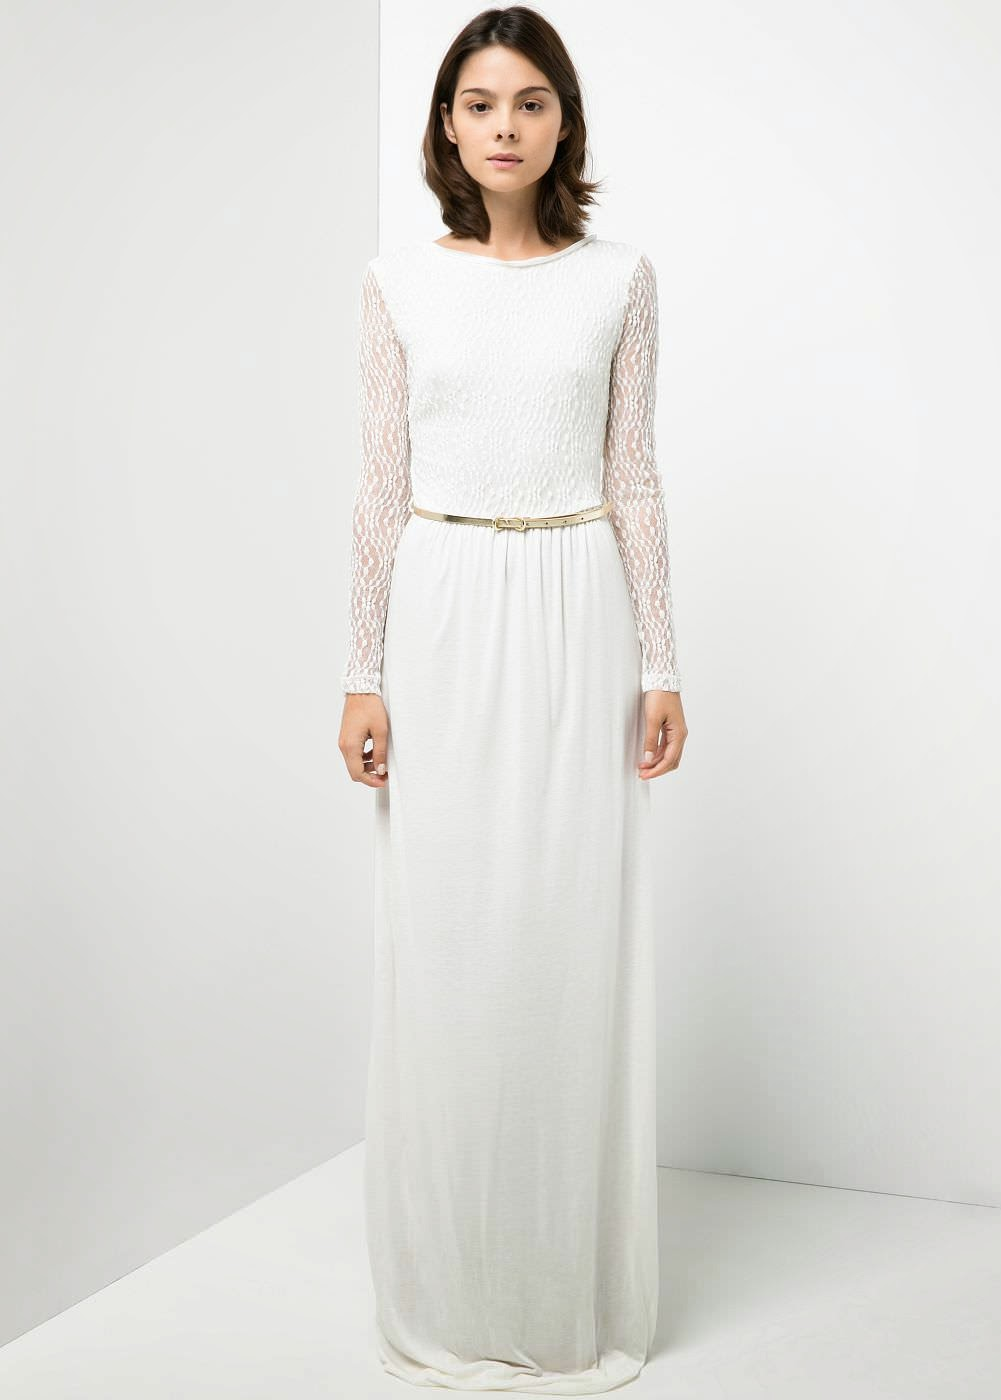 Lo White Lace Shoes